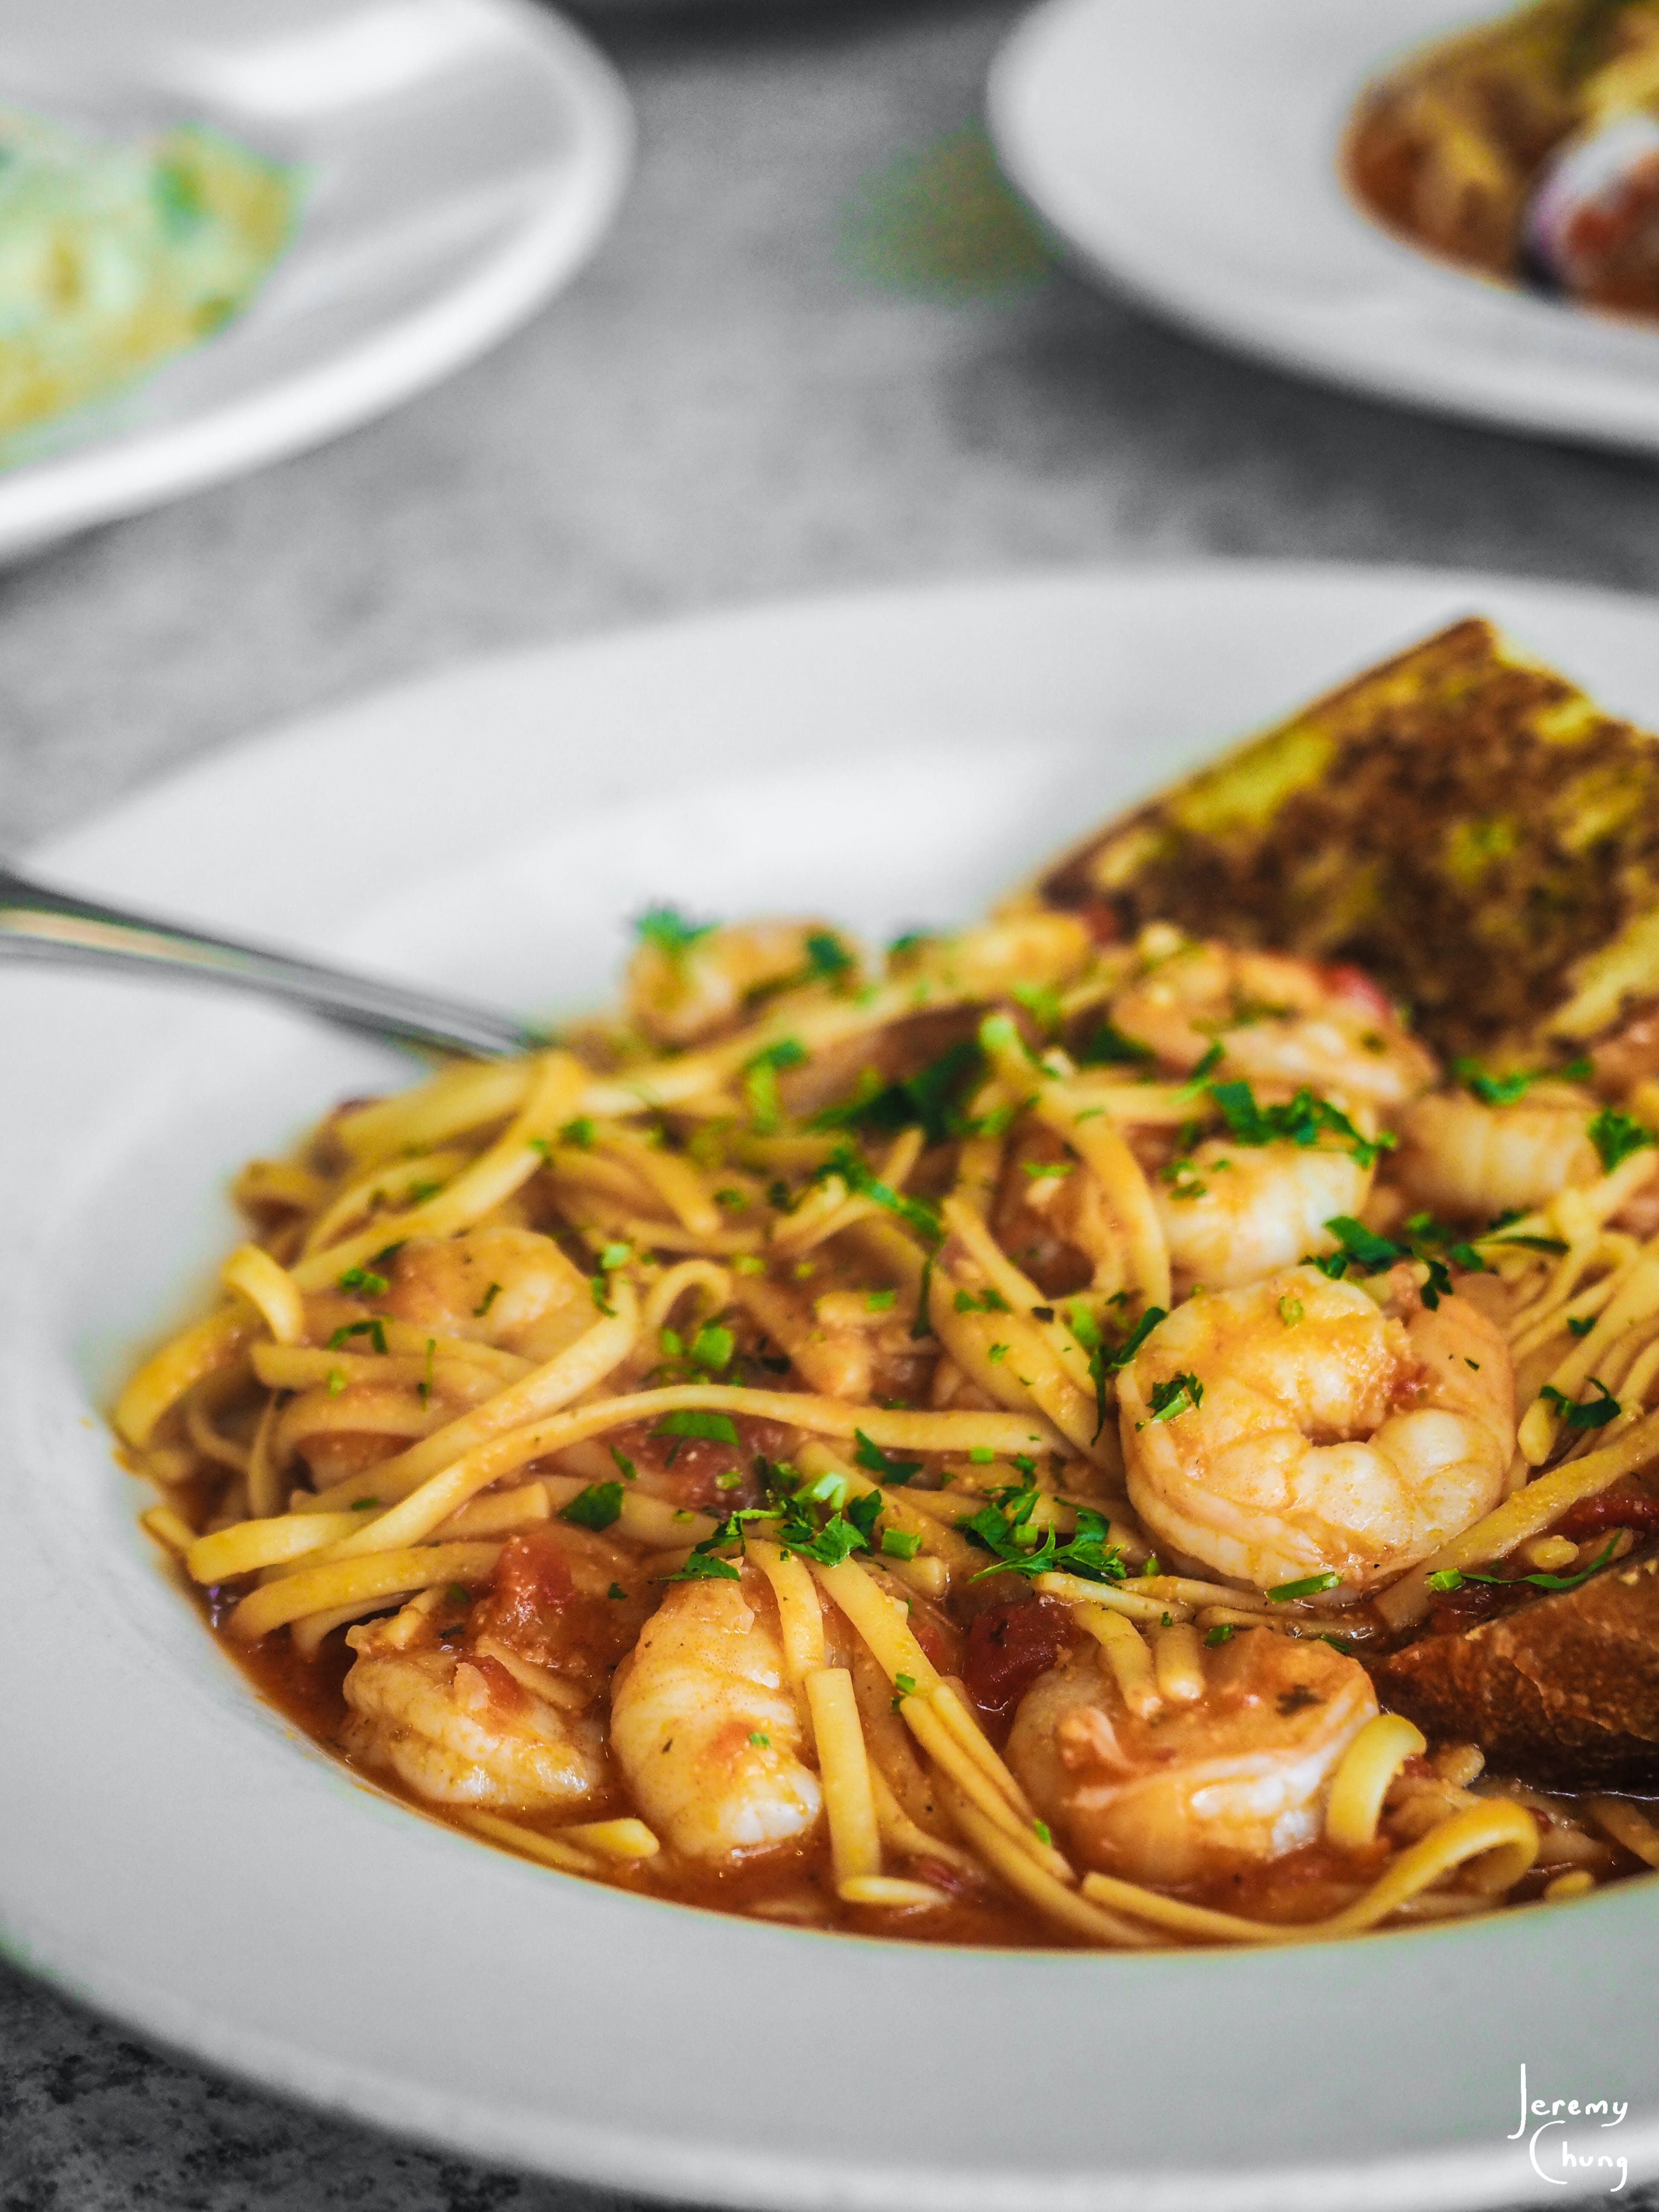 Gratis lagerfoto af close-up, cuisine, delikat, fisk og skaldyr